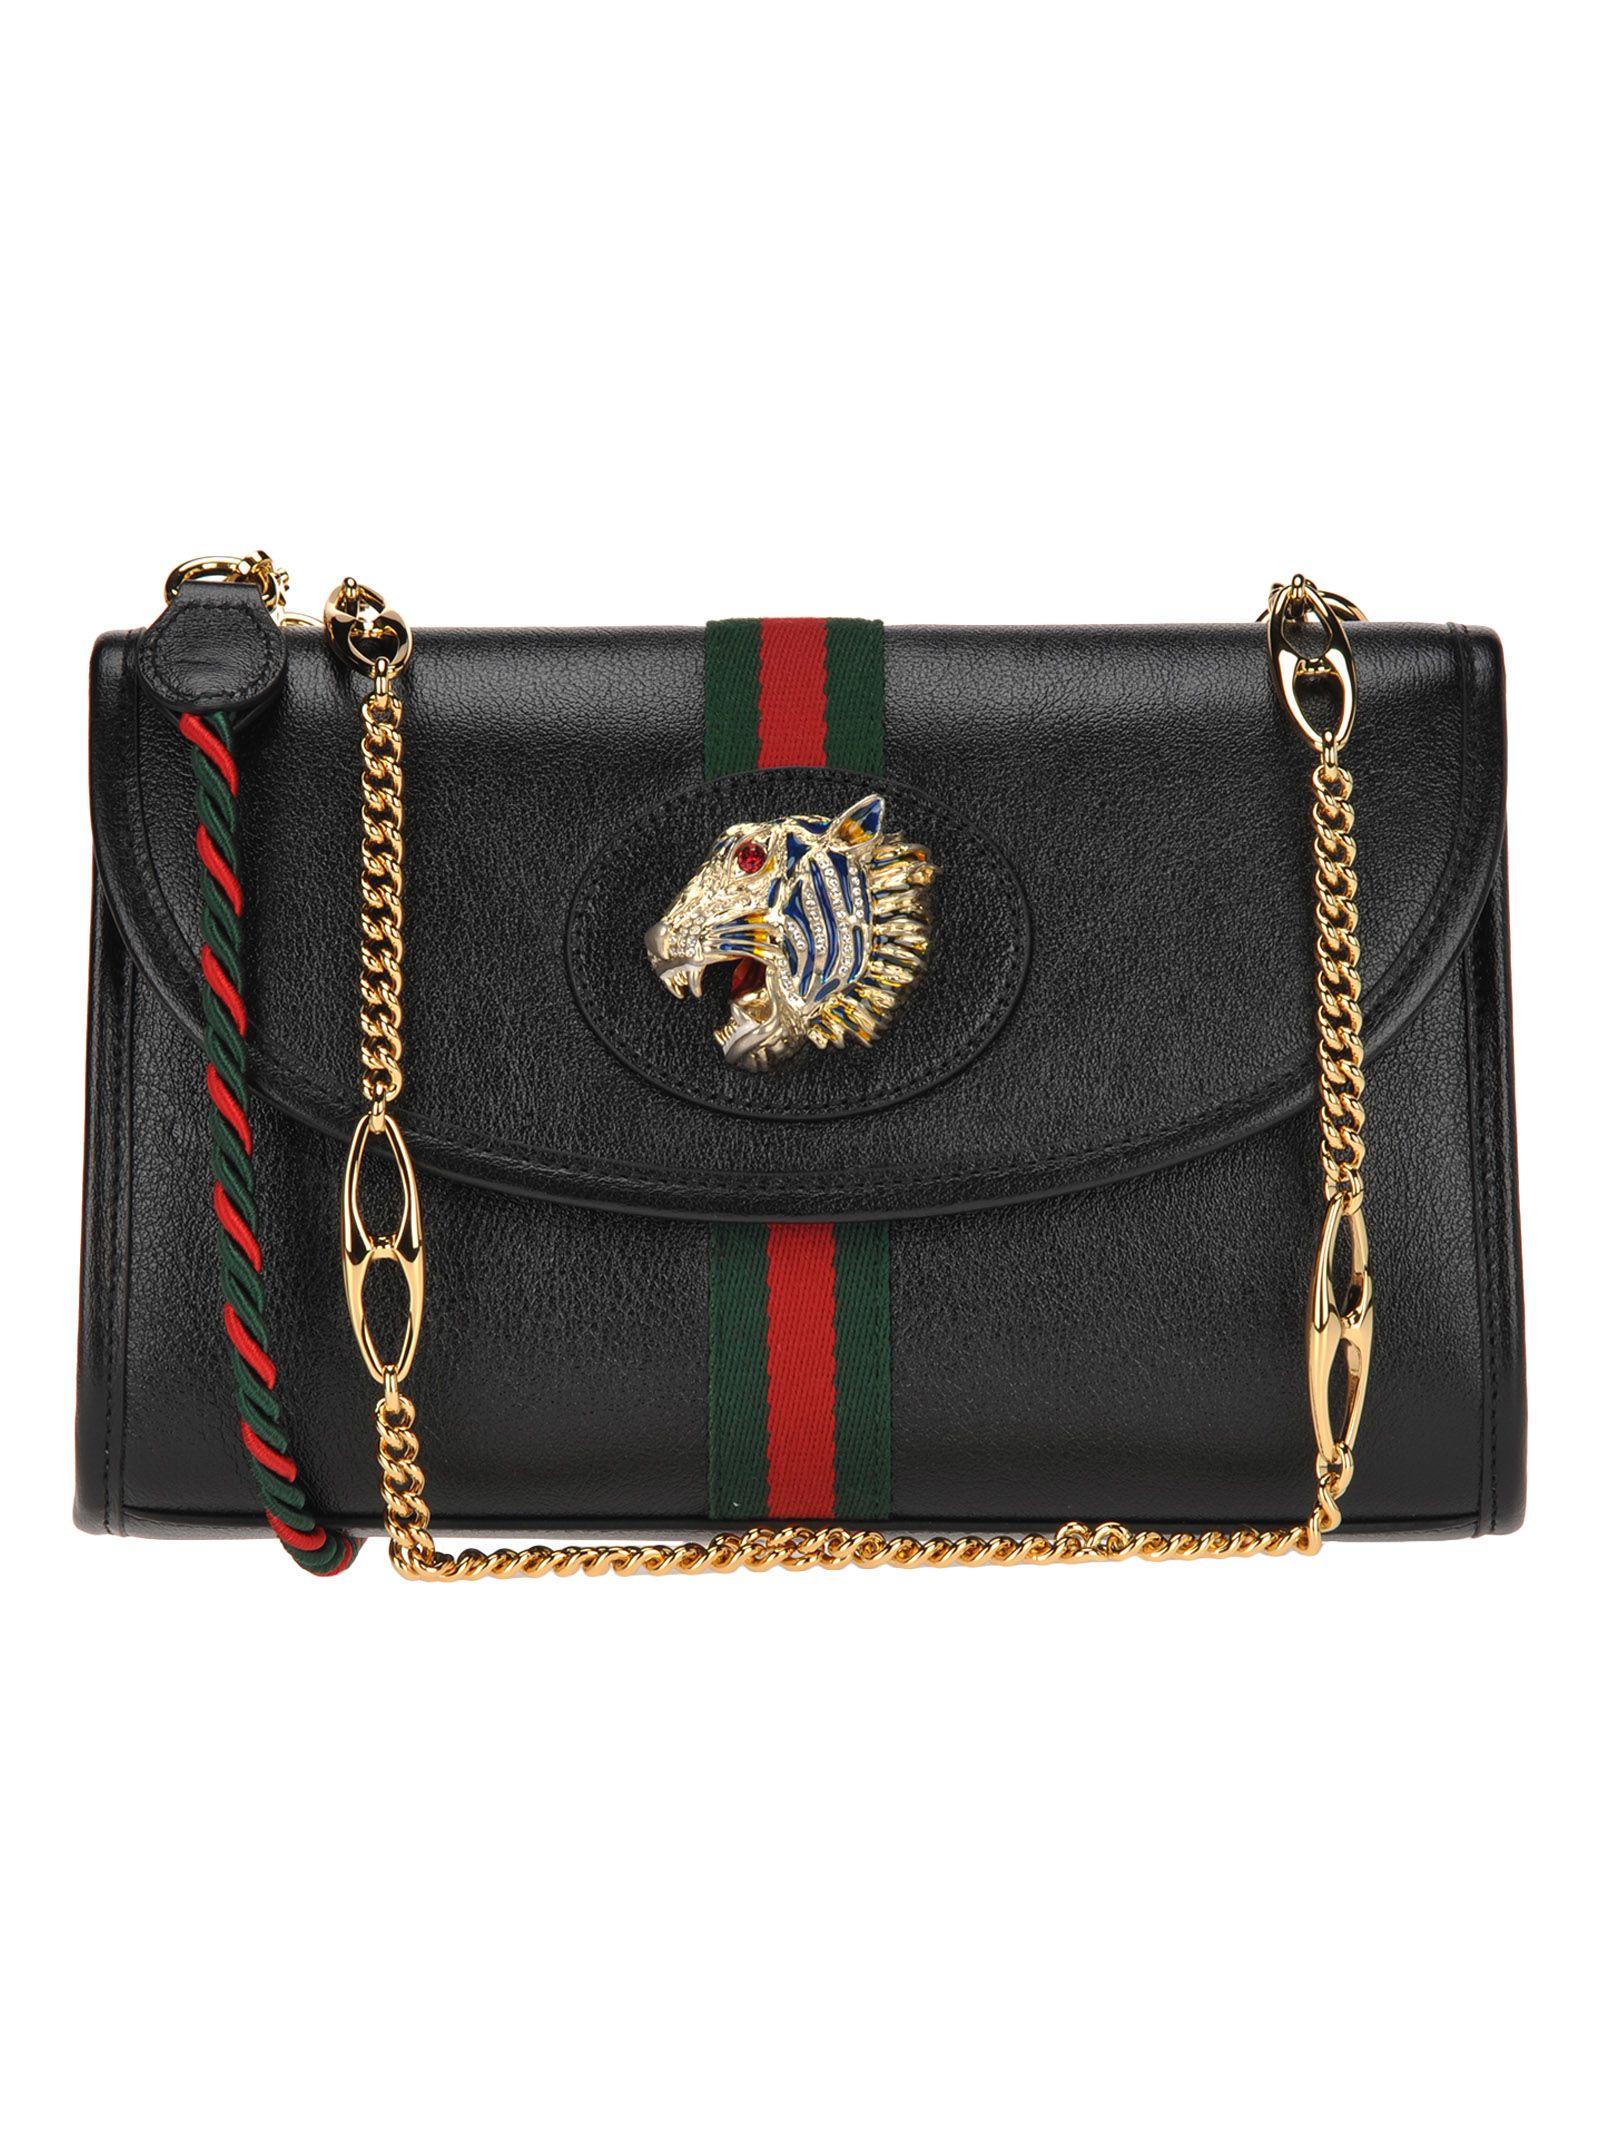 abf37a1d548 Gucci Gucci Small Shoulder Bag Rajah Web - BLACK + WEB - 10923834 ...